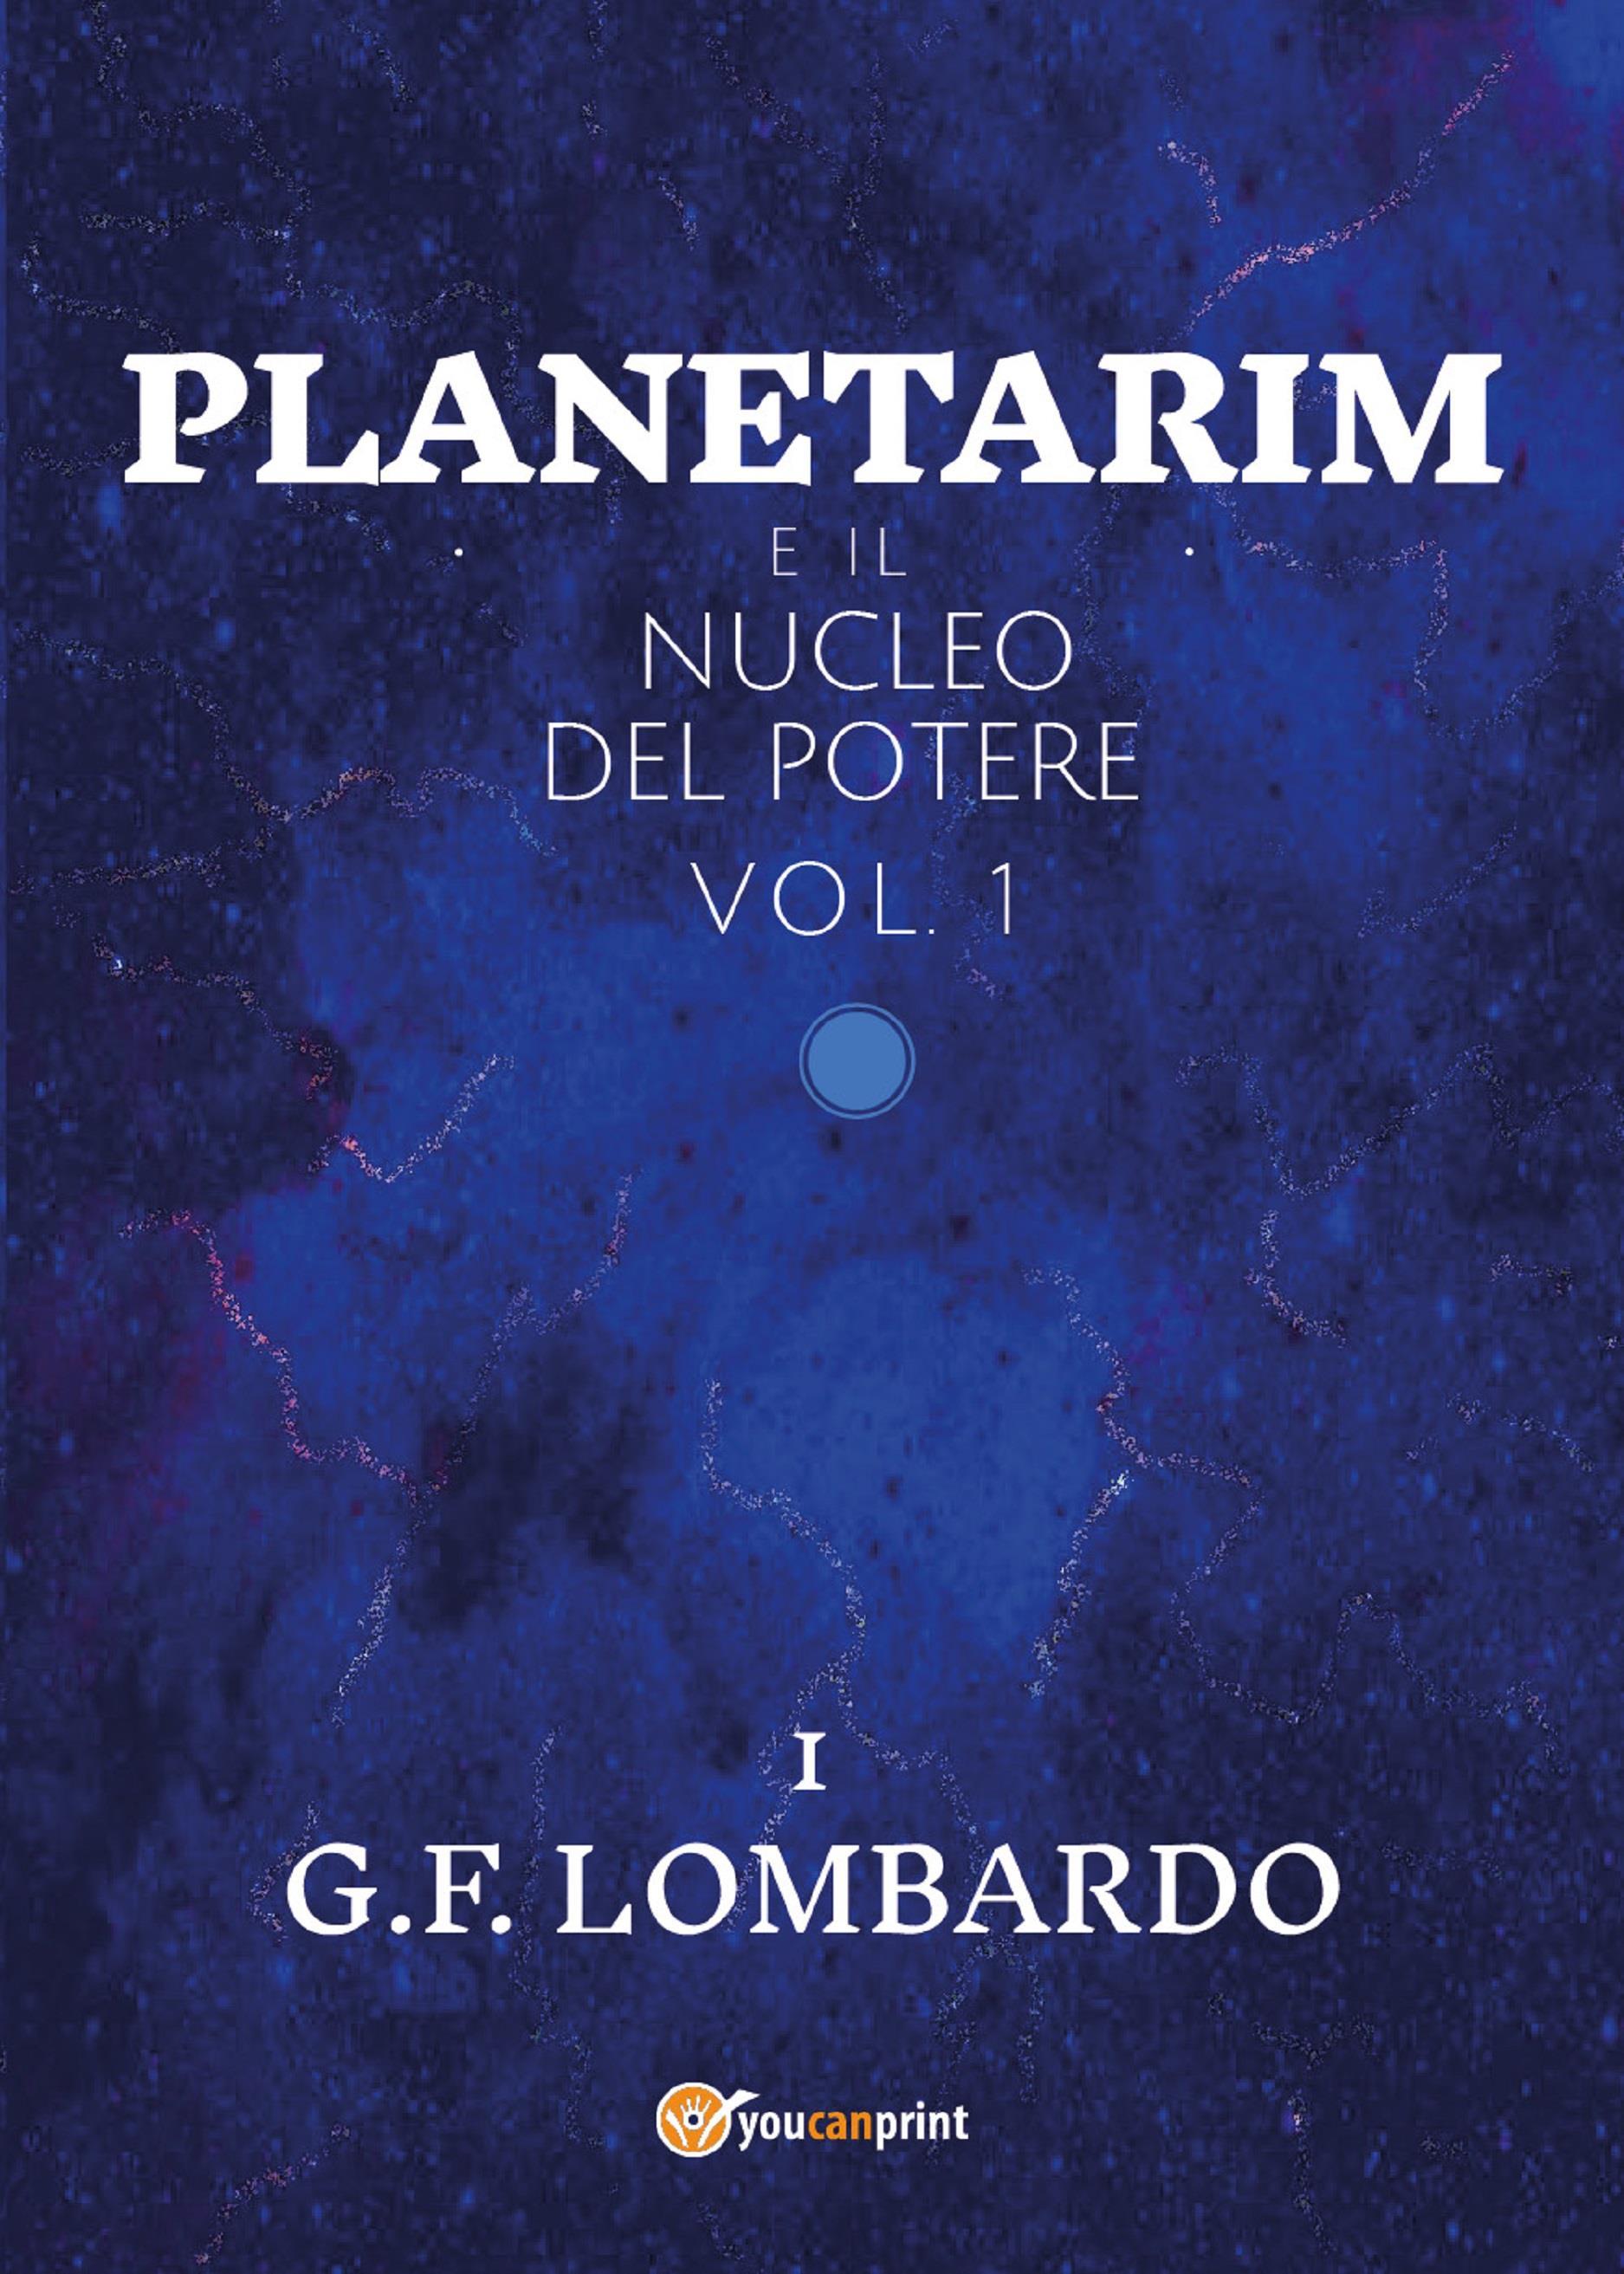 Planetarim e il nucleo del potere - vol.1